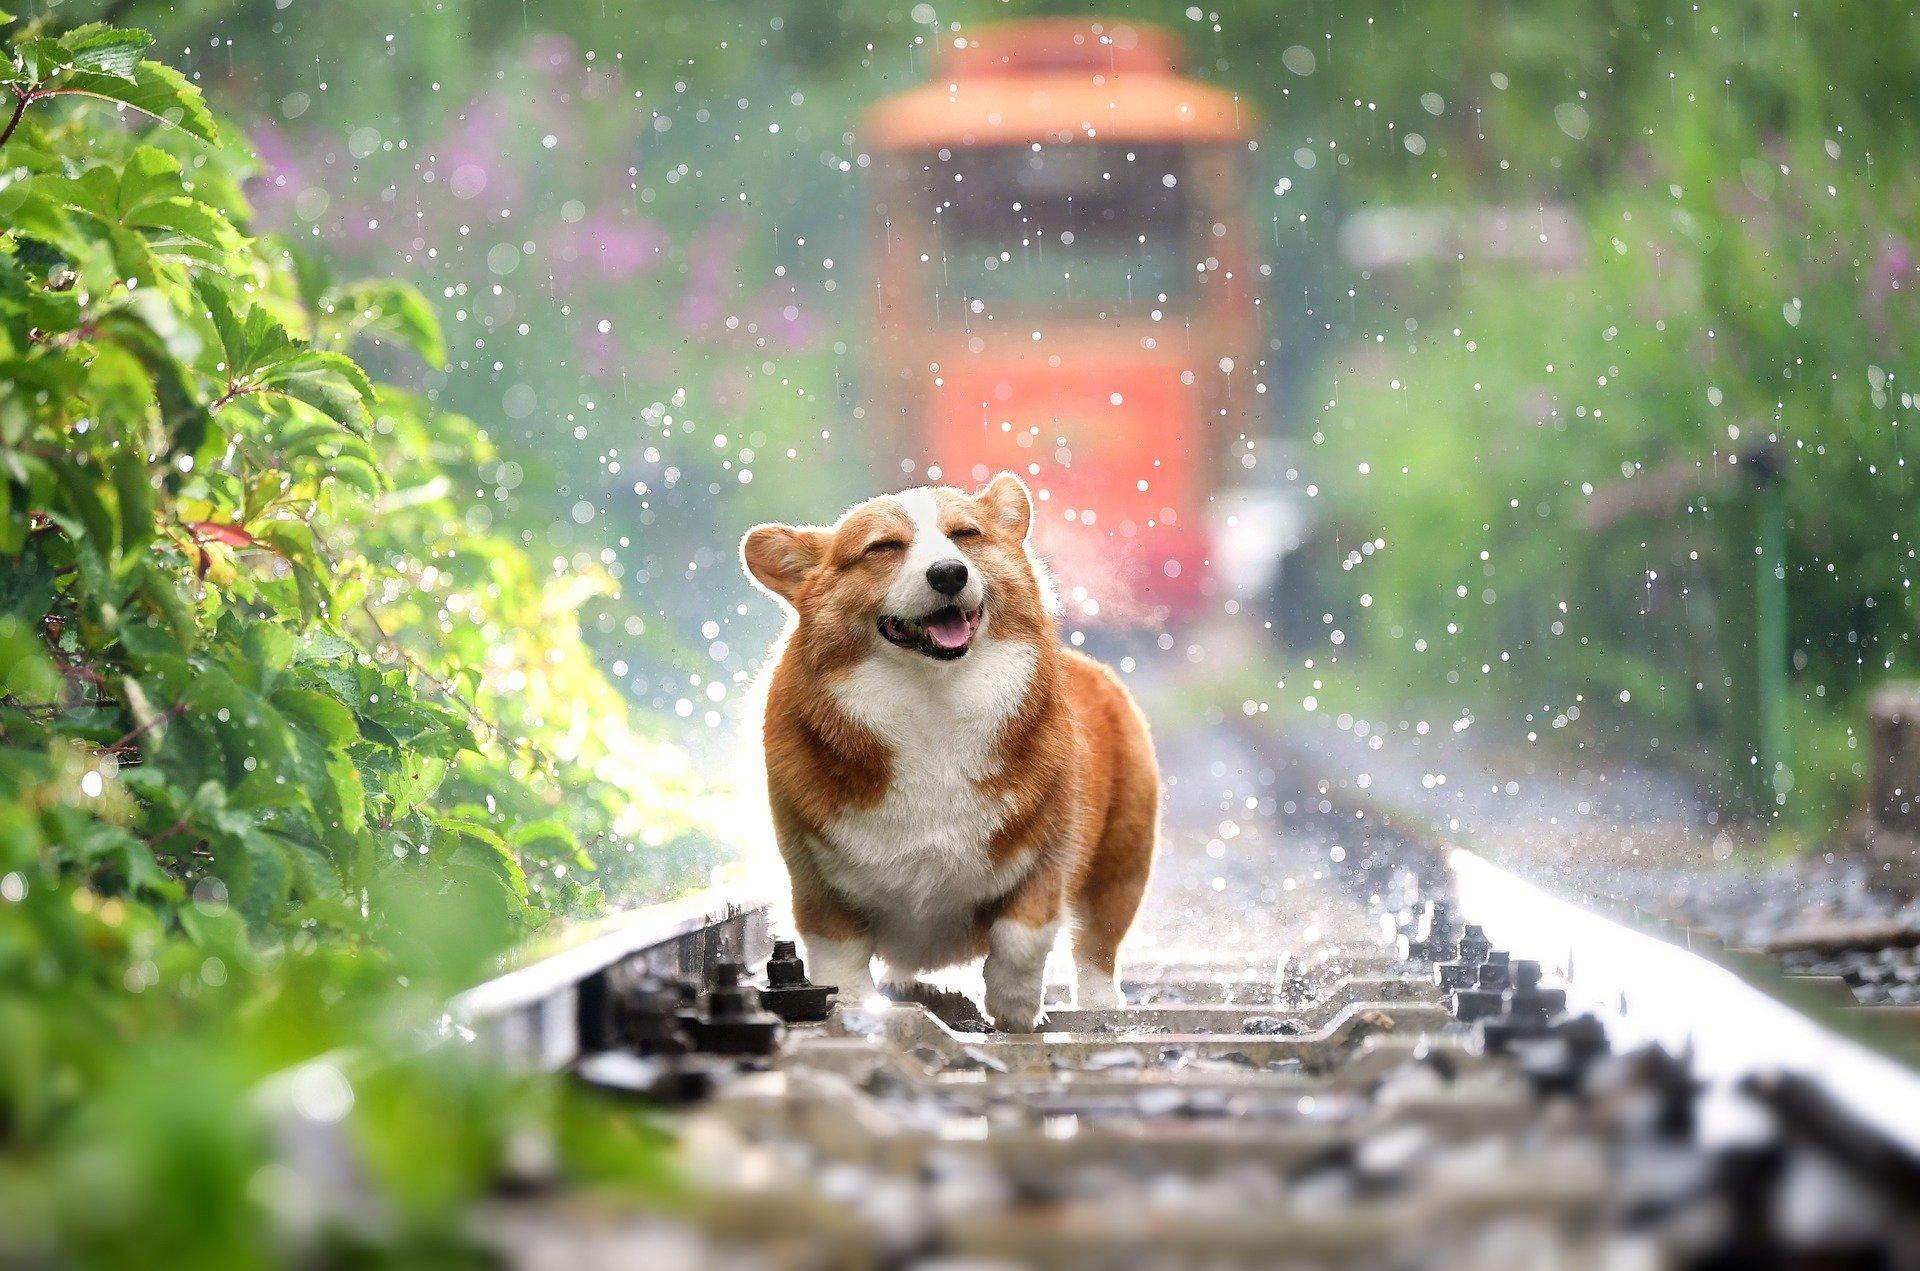 Las causas de la barriga hinchada en perros son varias